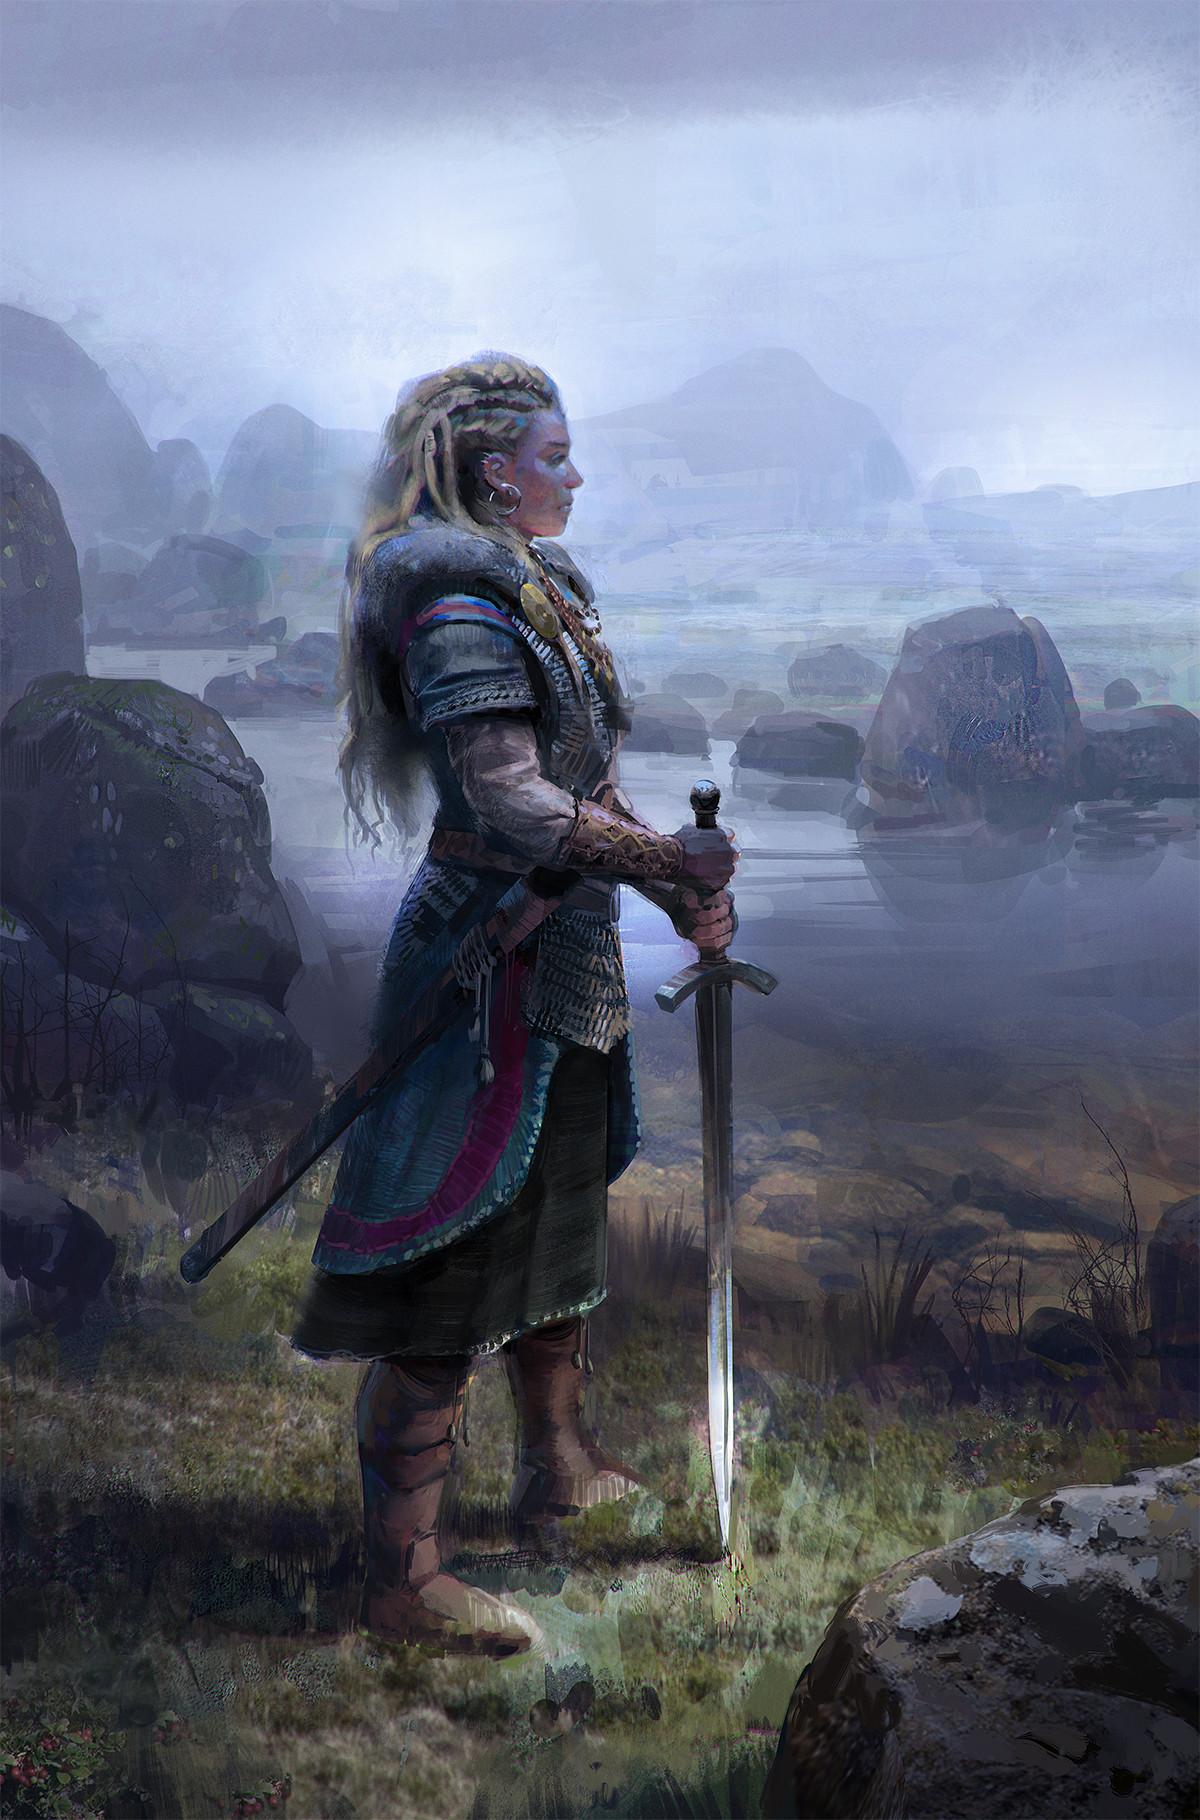 john-wallin-liberto-vikingwoman3.jpg